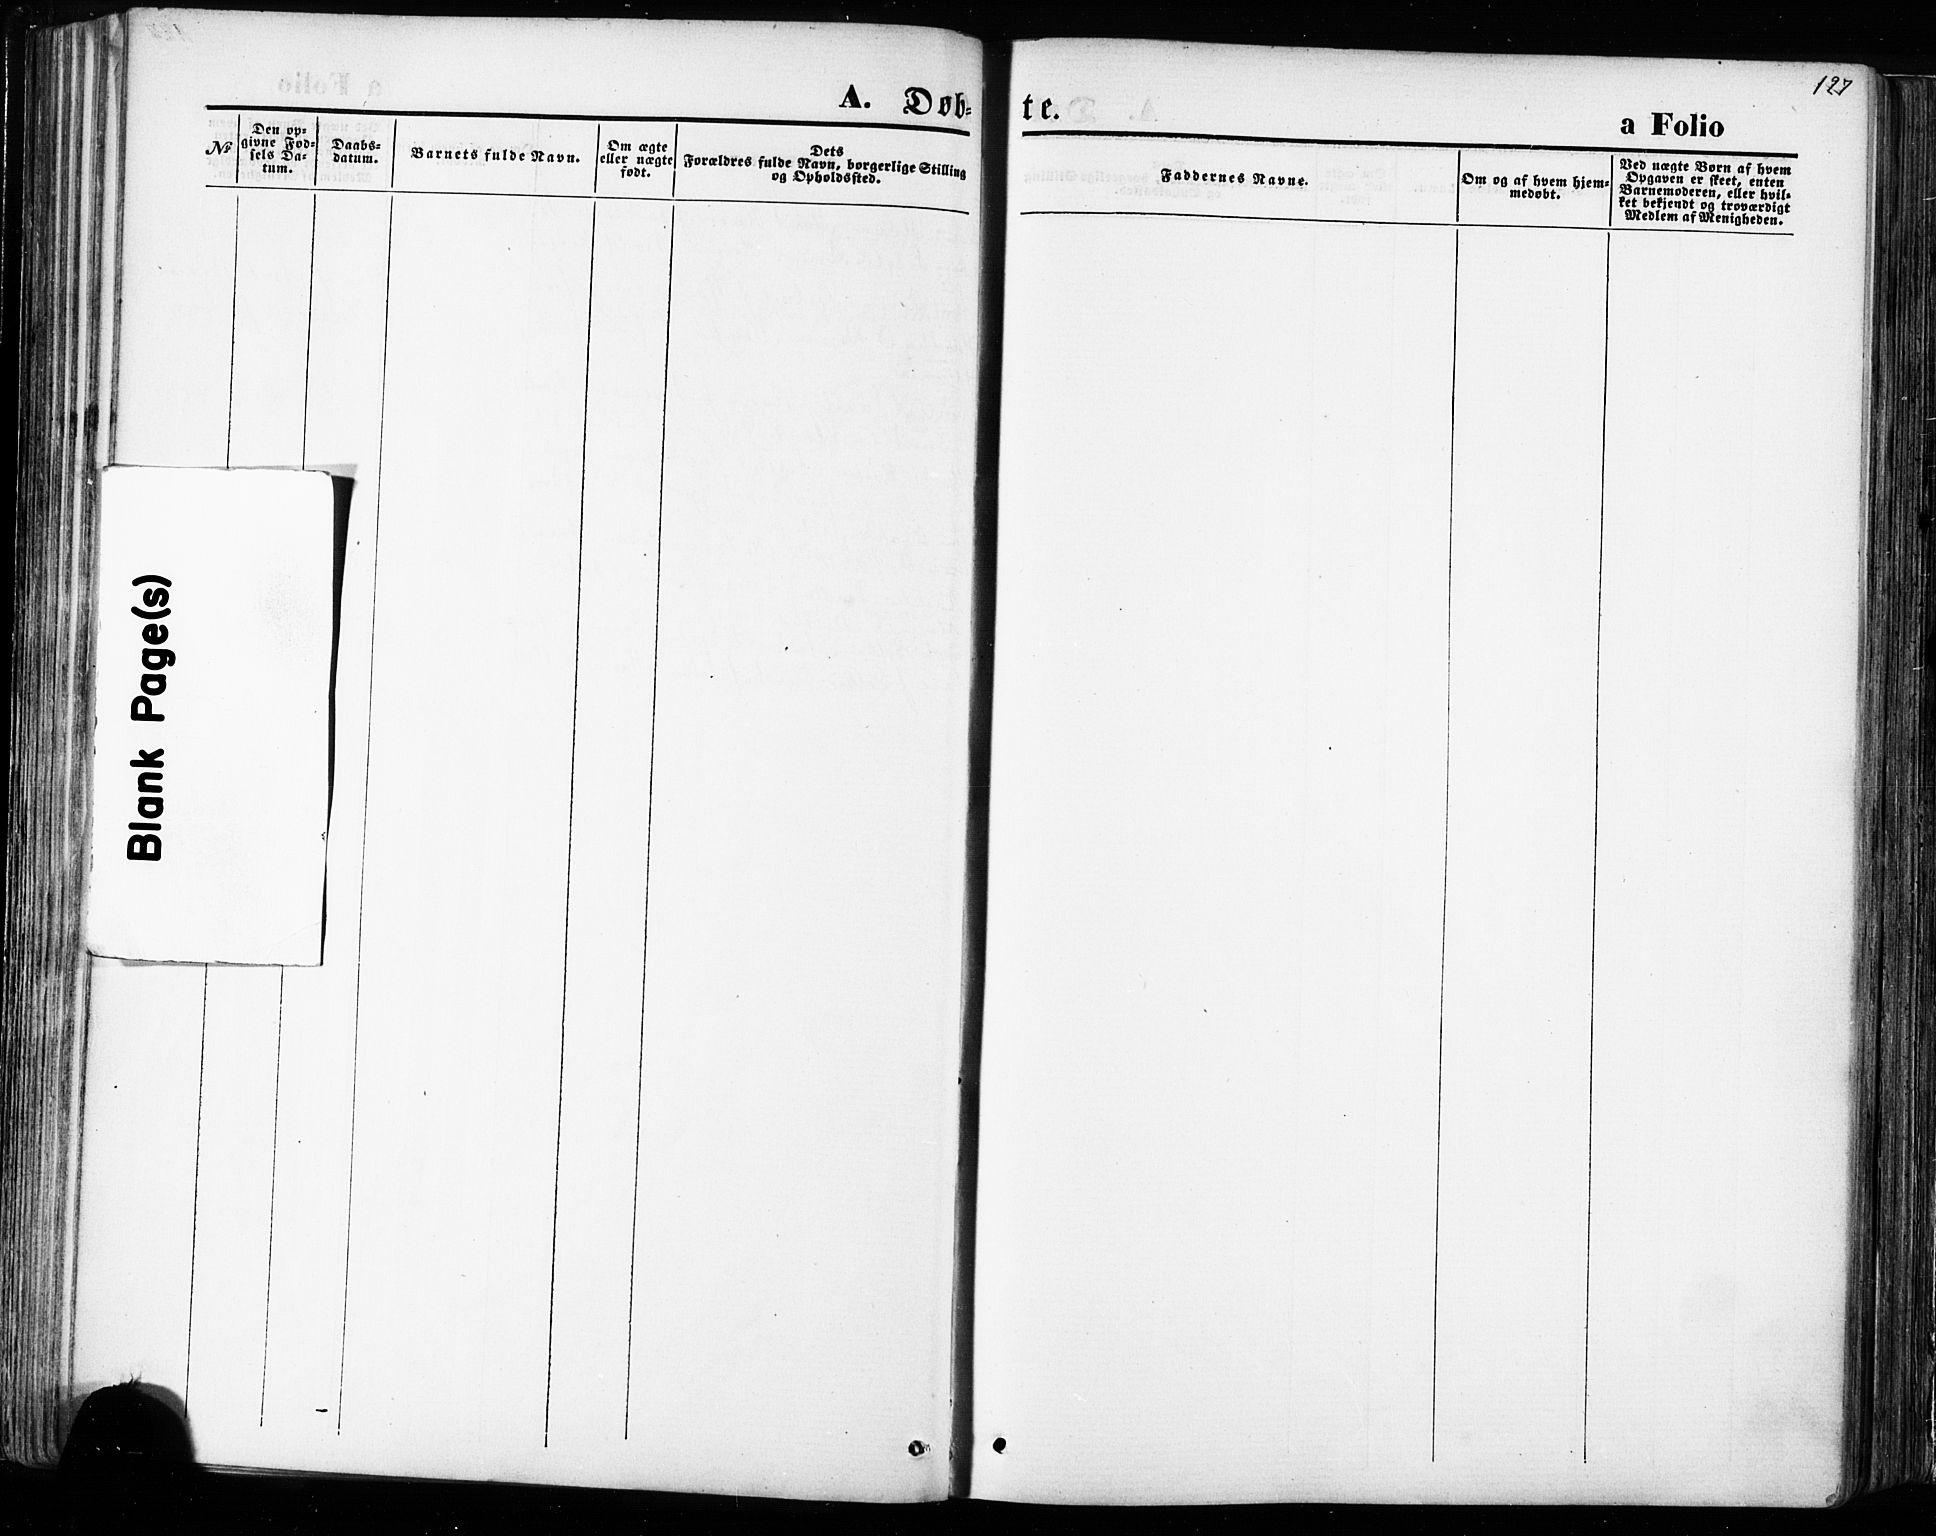 SAT, Ministerialprotokoller, klokkerbøker og fødselsregistre - Sør-Trøndelag, 668/L0807: Ministerialbok nr. 668A07, 1870-1880, s. 127